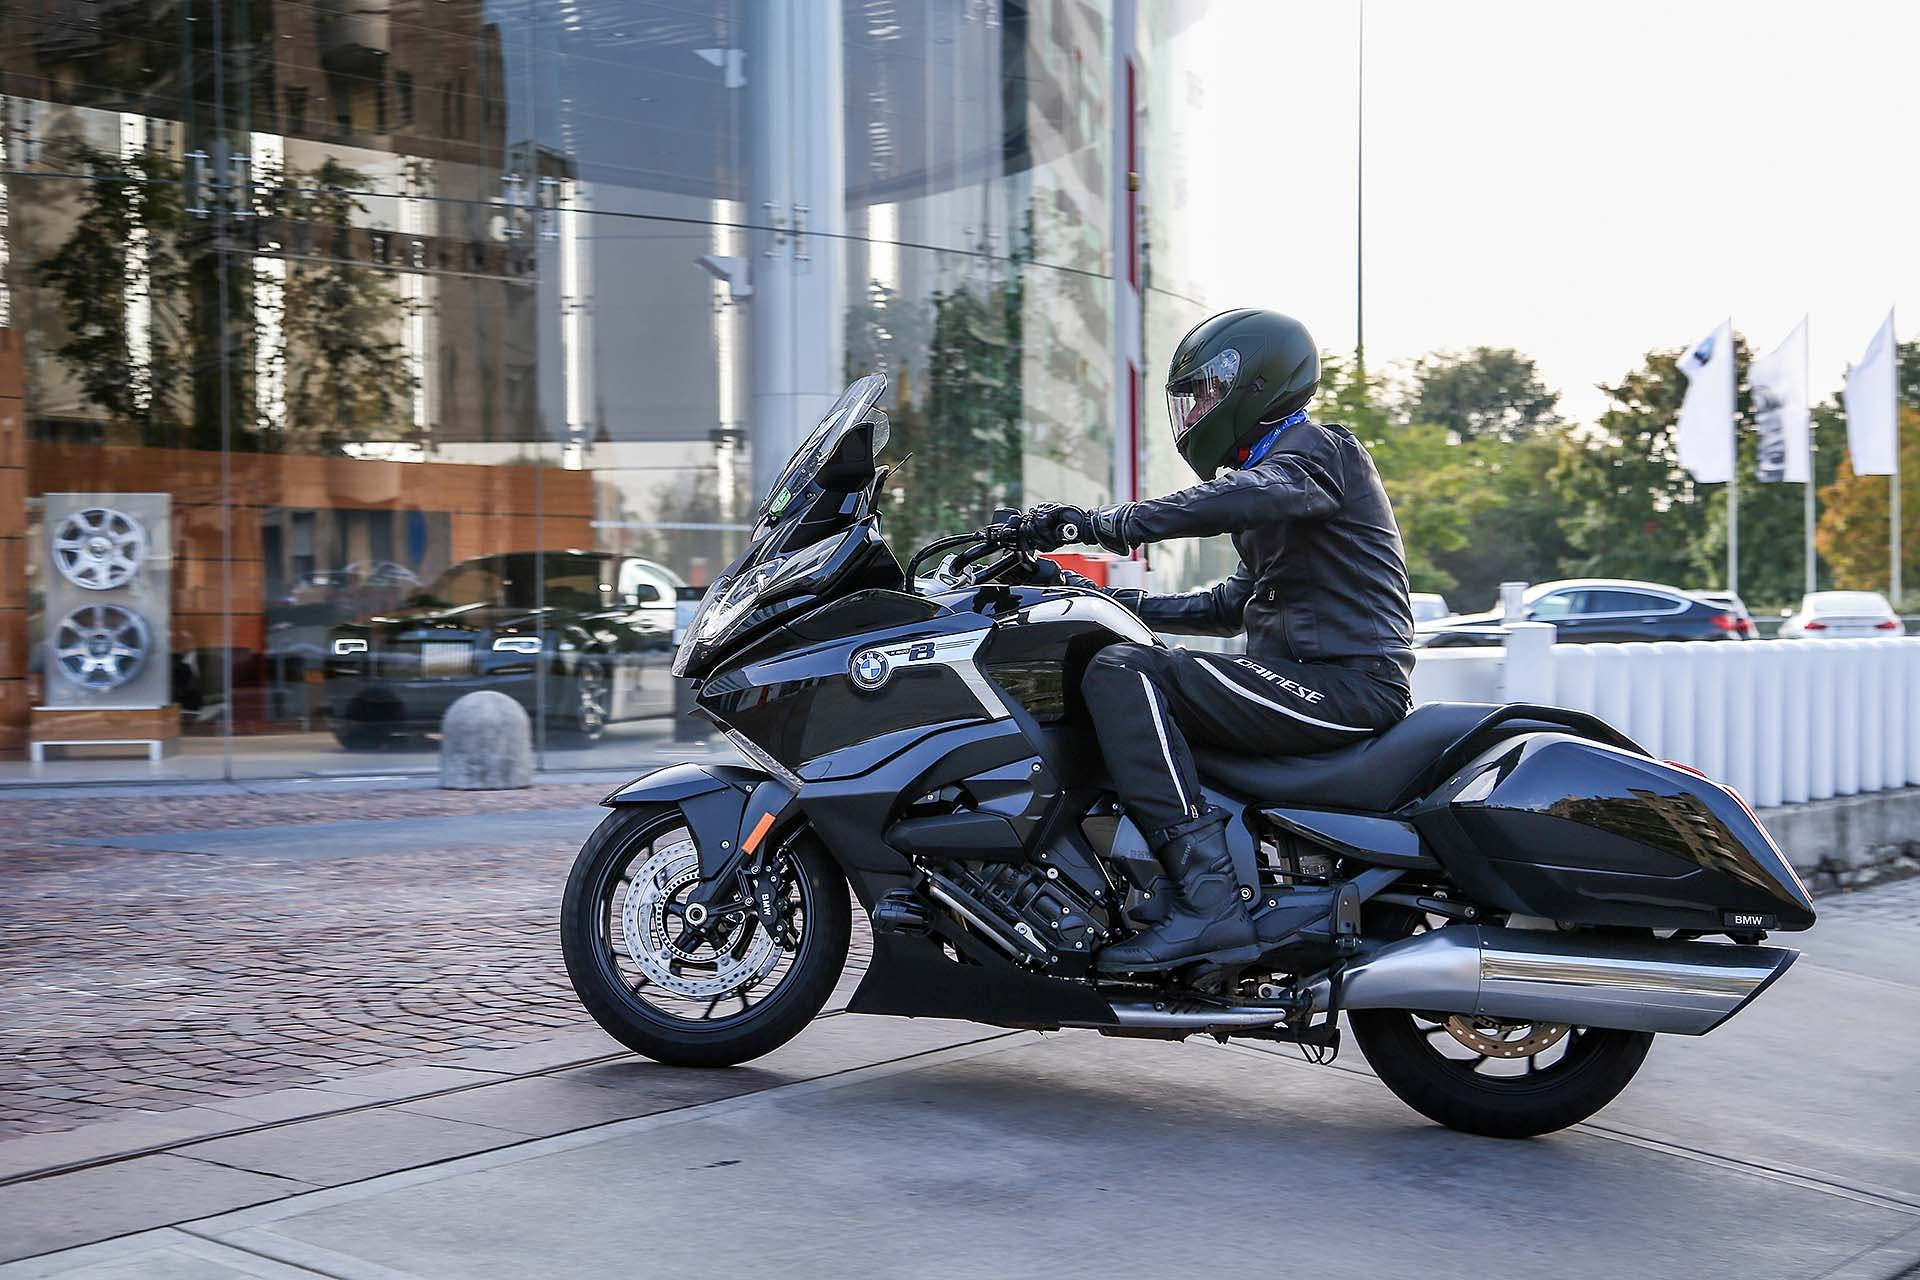 BMW K 1600 B in bmw